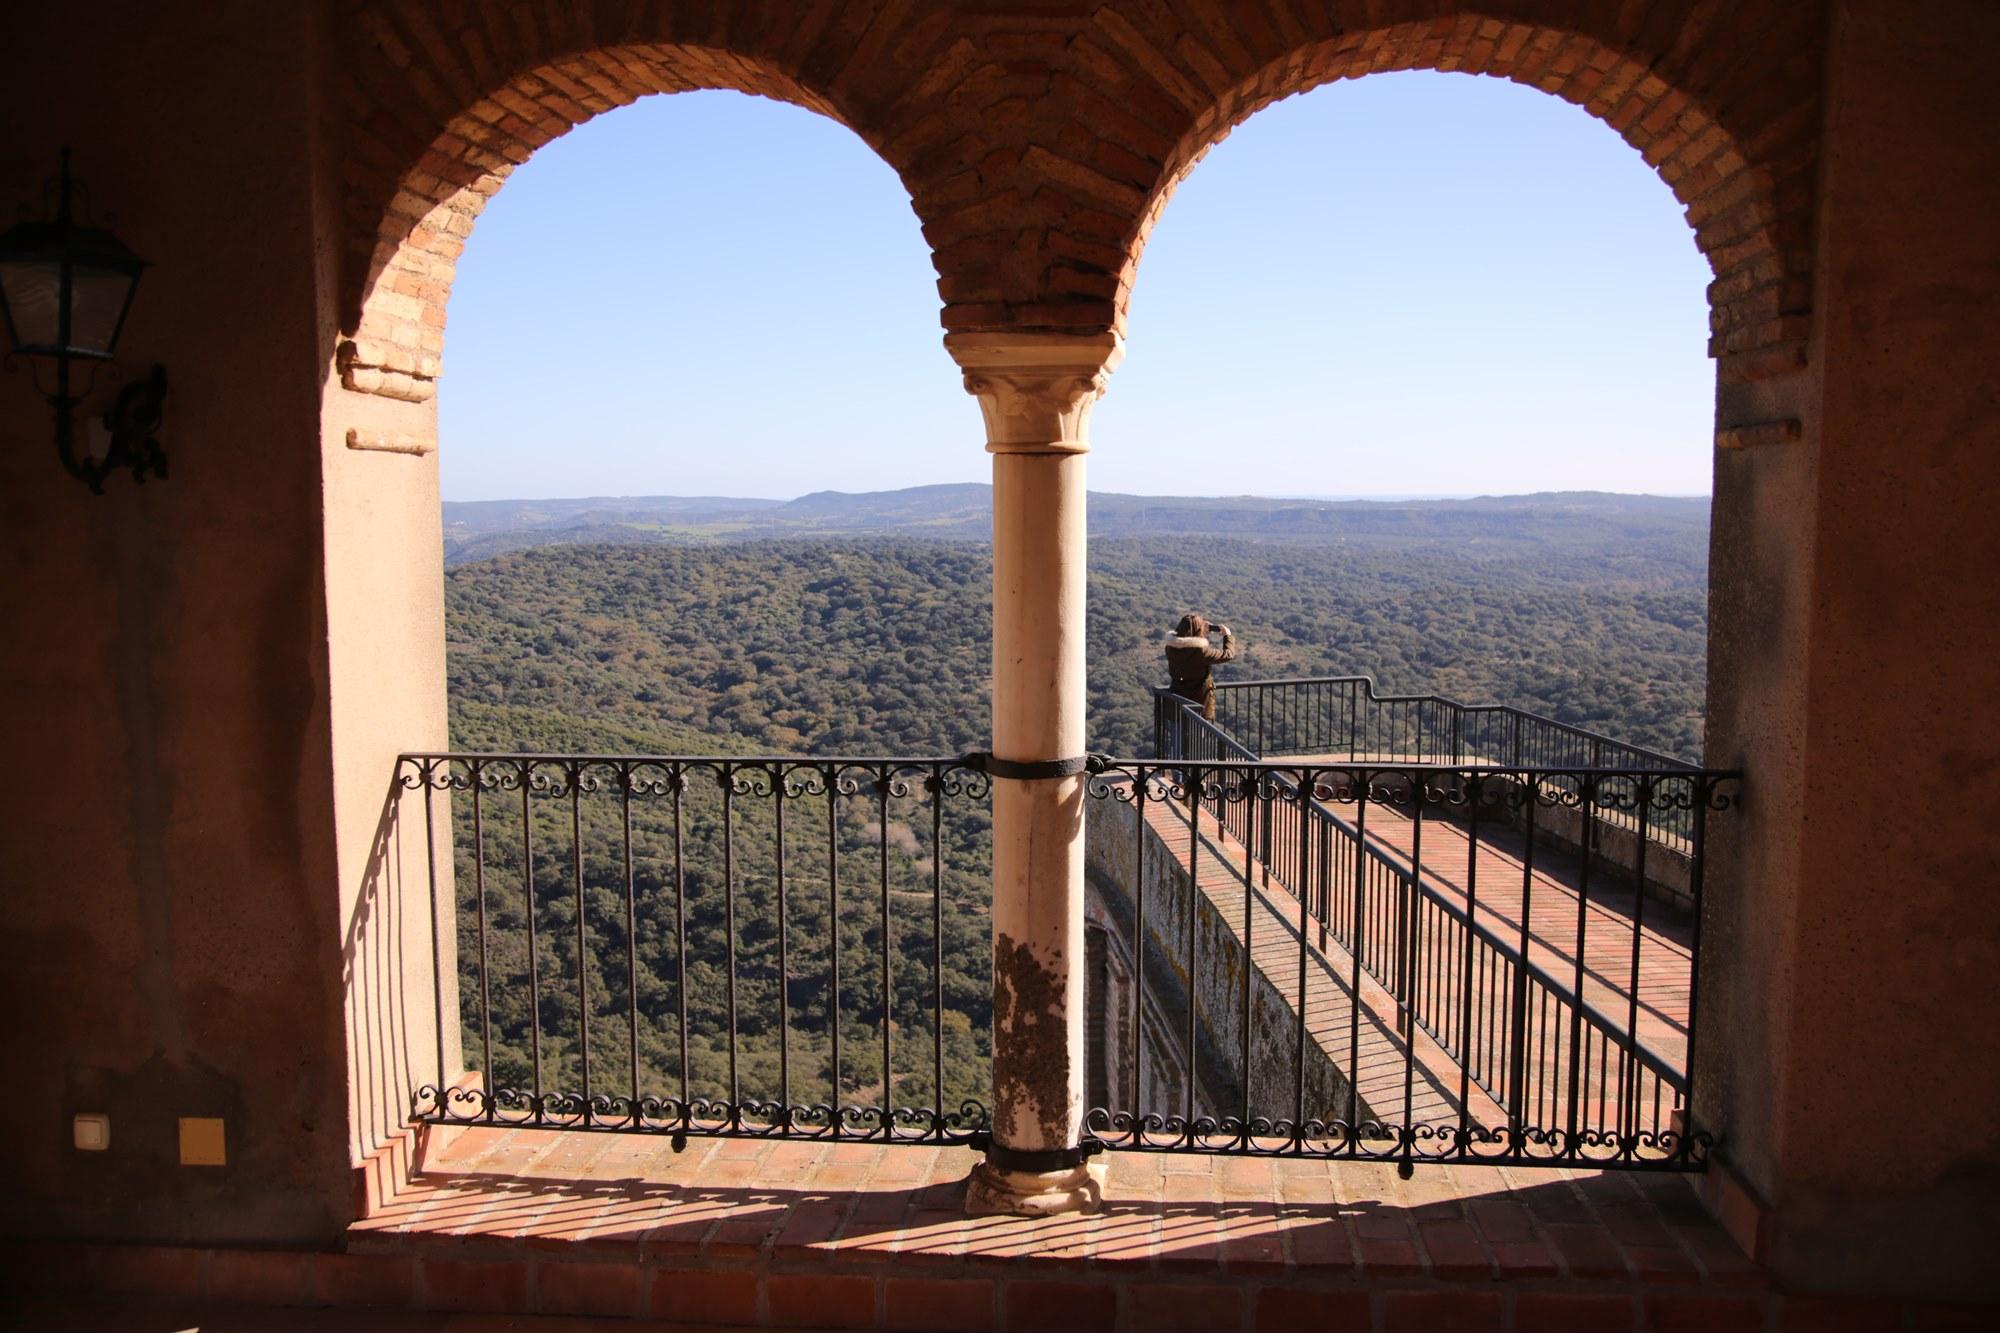 A lo largo de la visita por el castillo podemos encontrar agradables balcones.